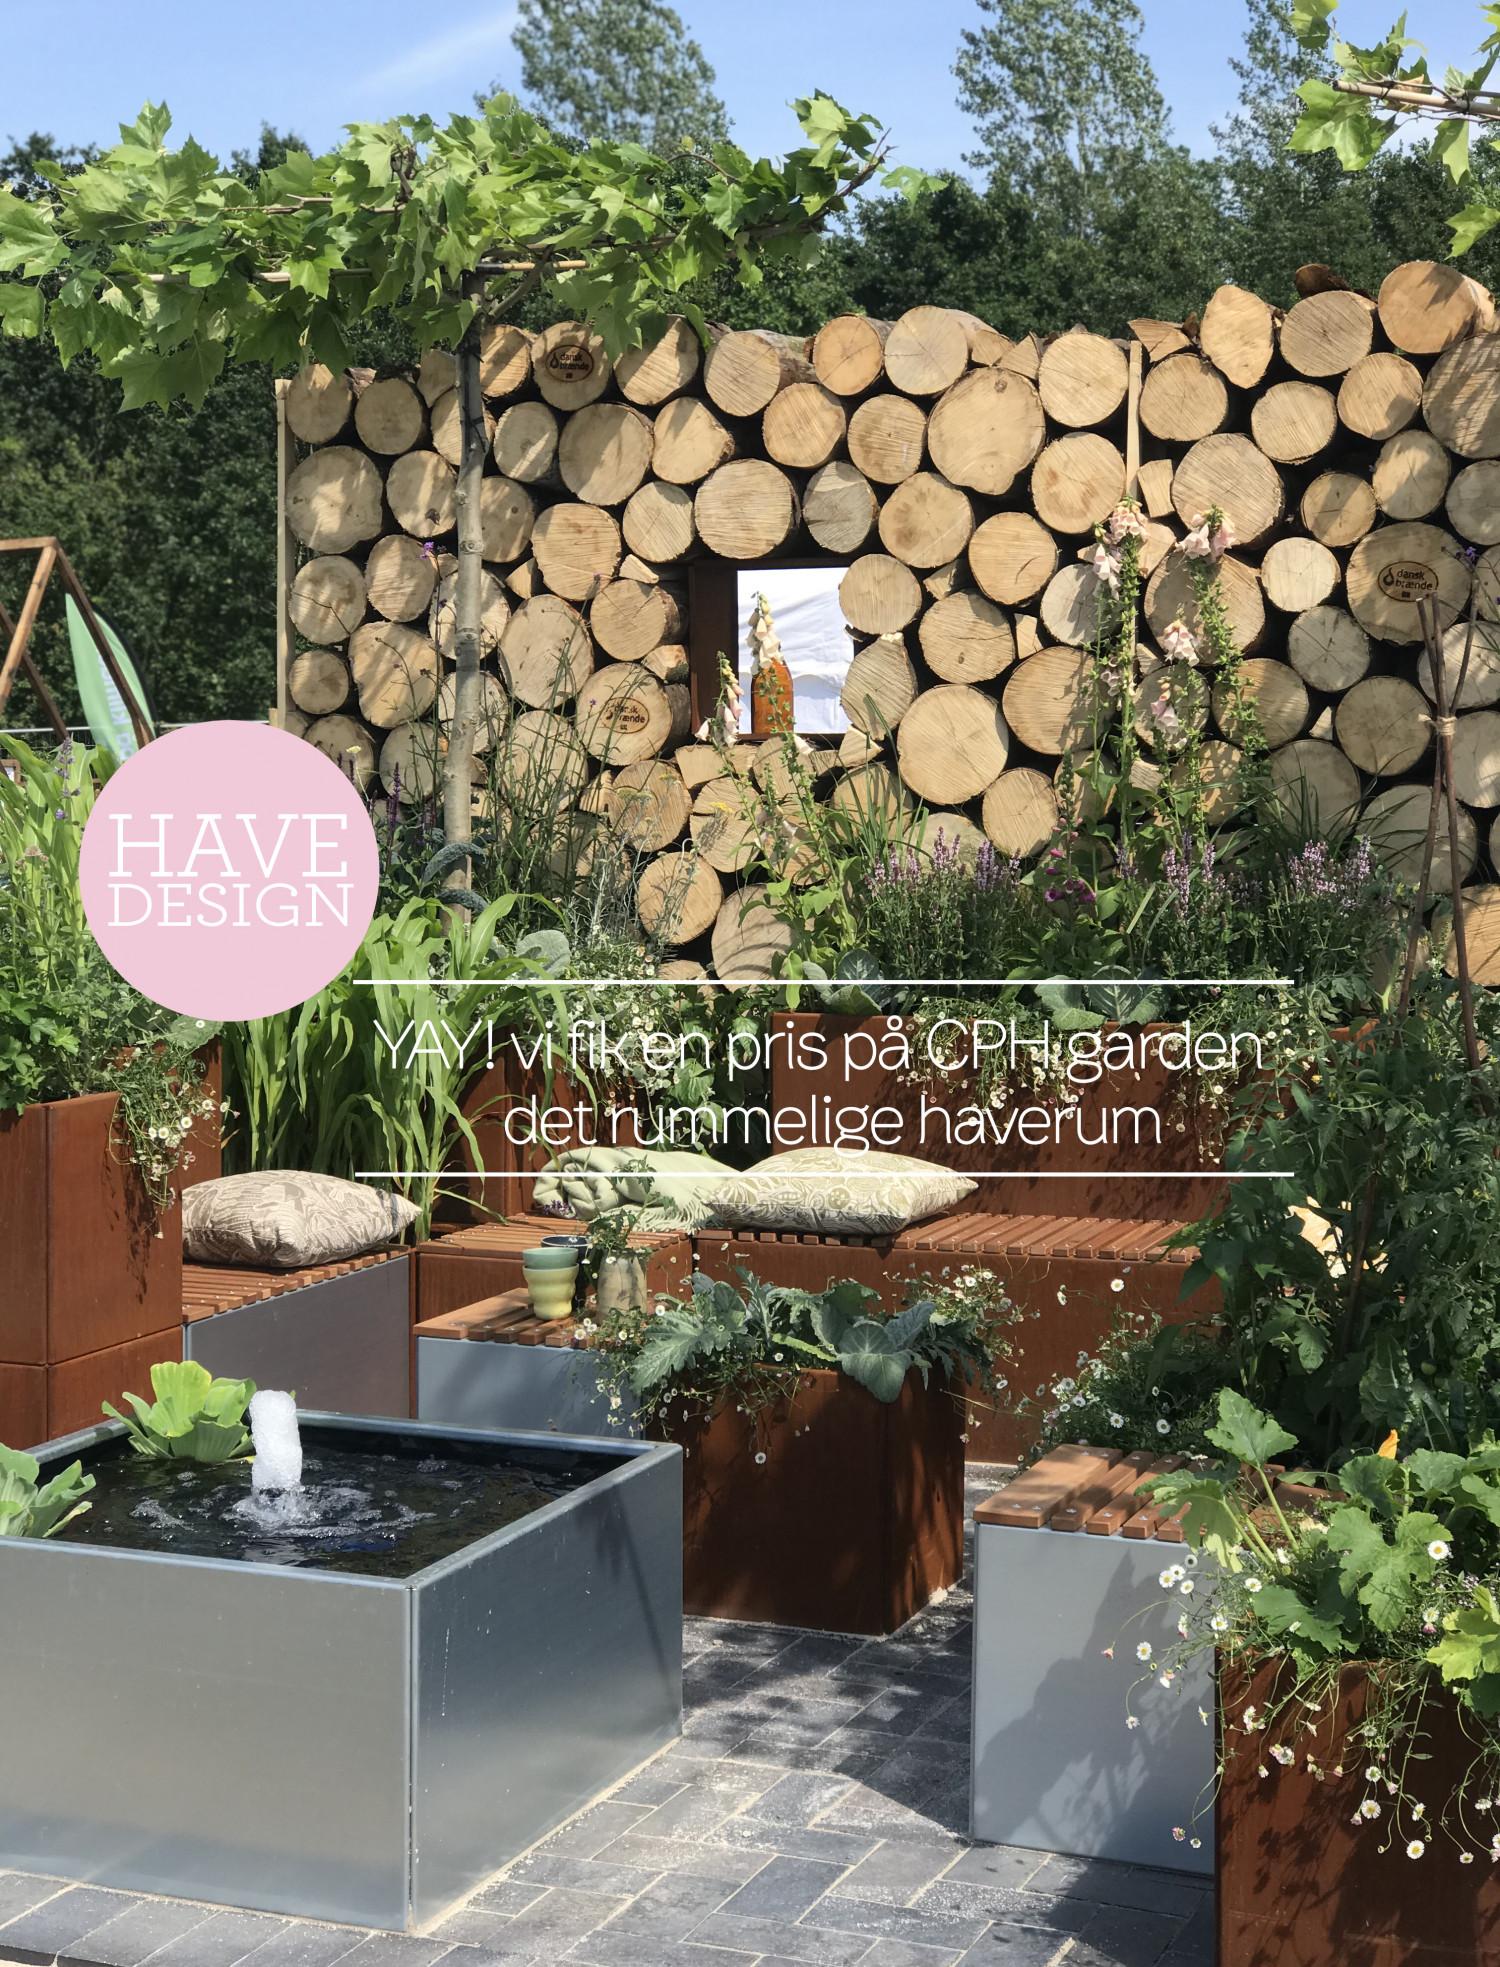 YAY! det rummelige haverum snuppede publikumsprisen på CPH garden Dorthe Kvist Meltdesignstudio